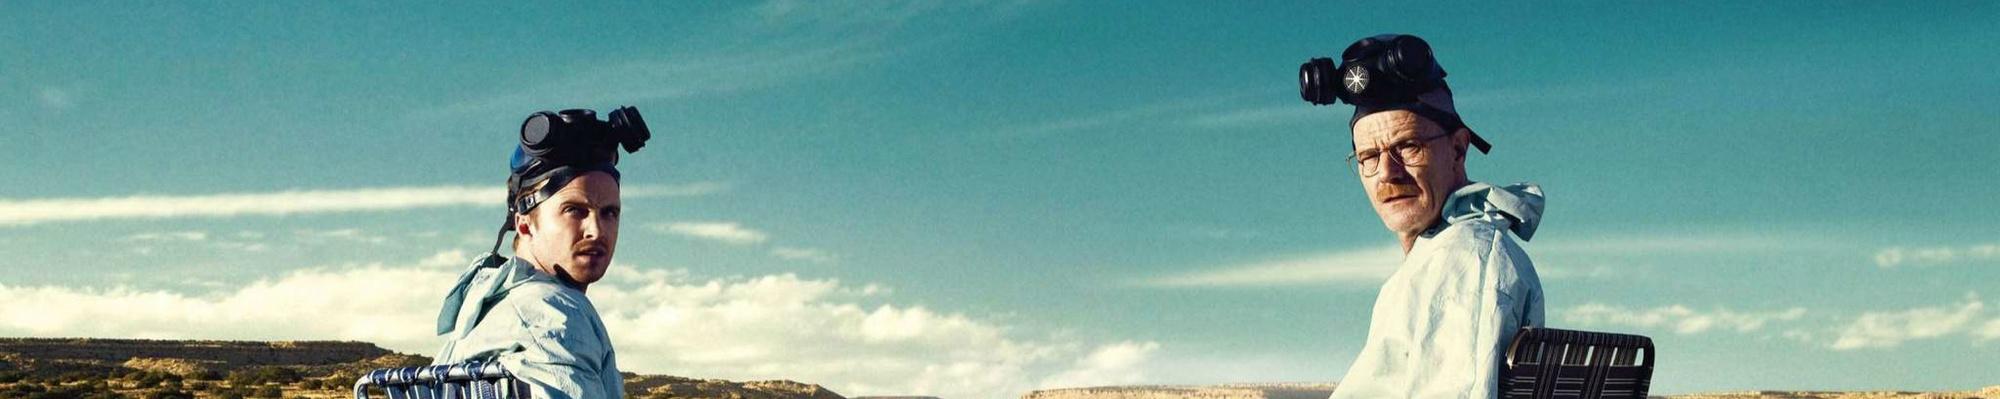 """【更新】《绝命毒师》将被搬上大银幕,""""小粉""""Jesse Pinkman将回归"""